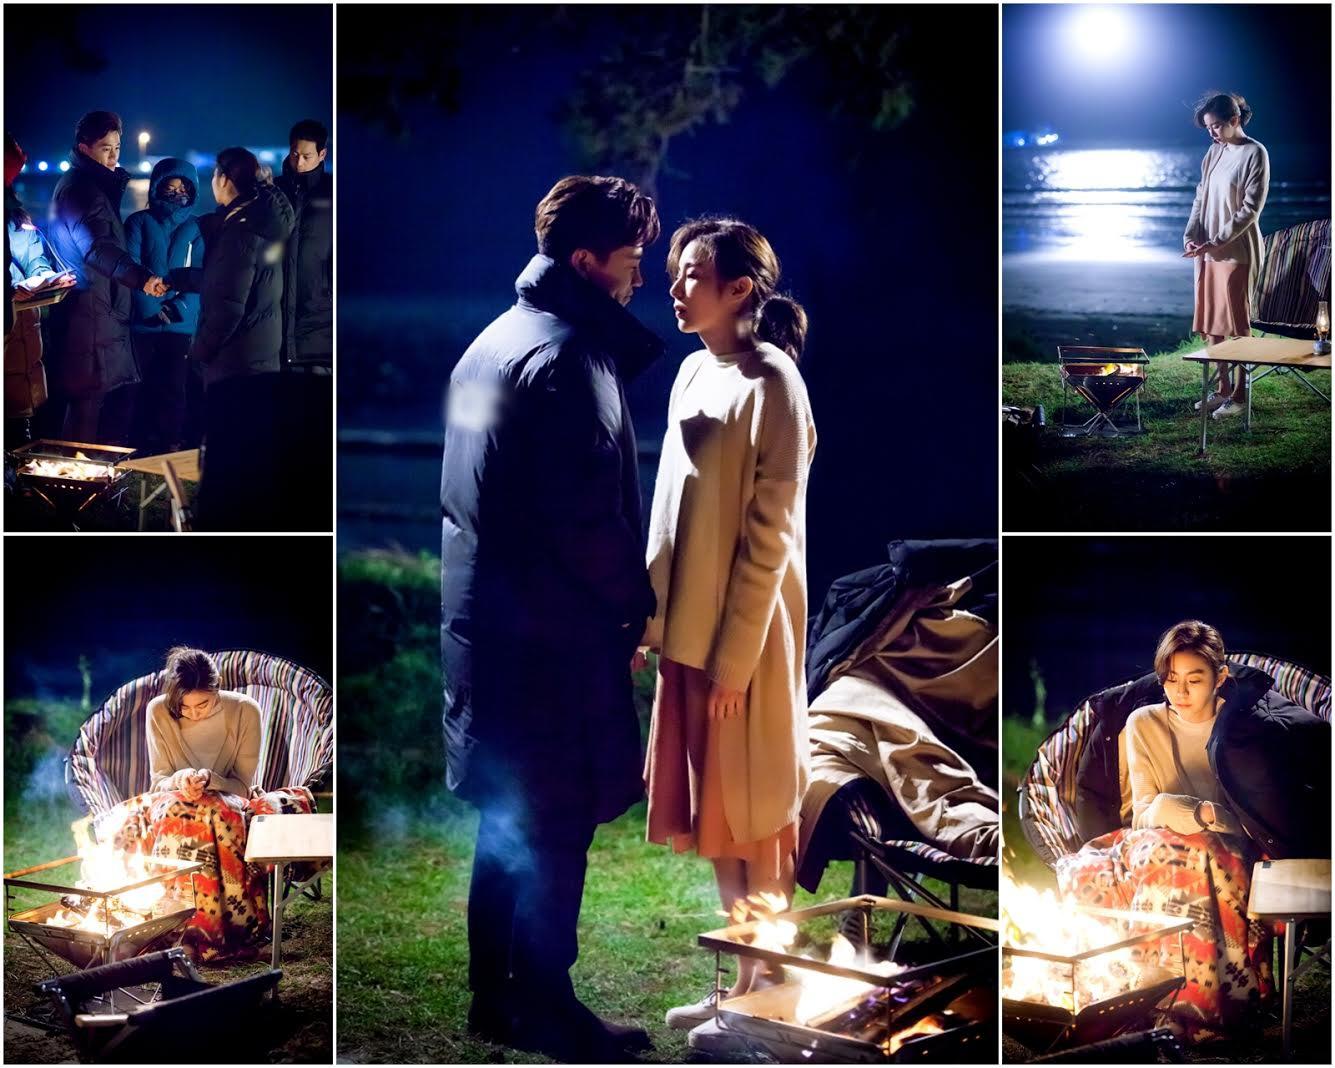 《結婚契約》李瑞鎮&U-ie經典吻戲幕後照片公開 _1.jpg